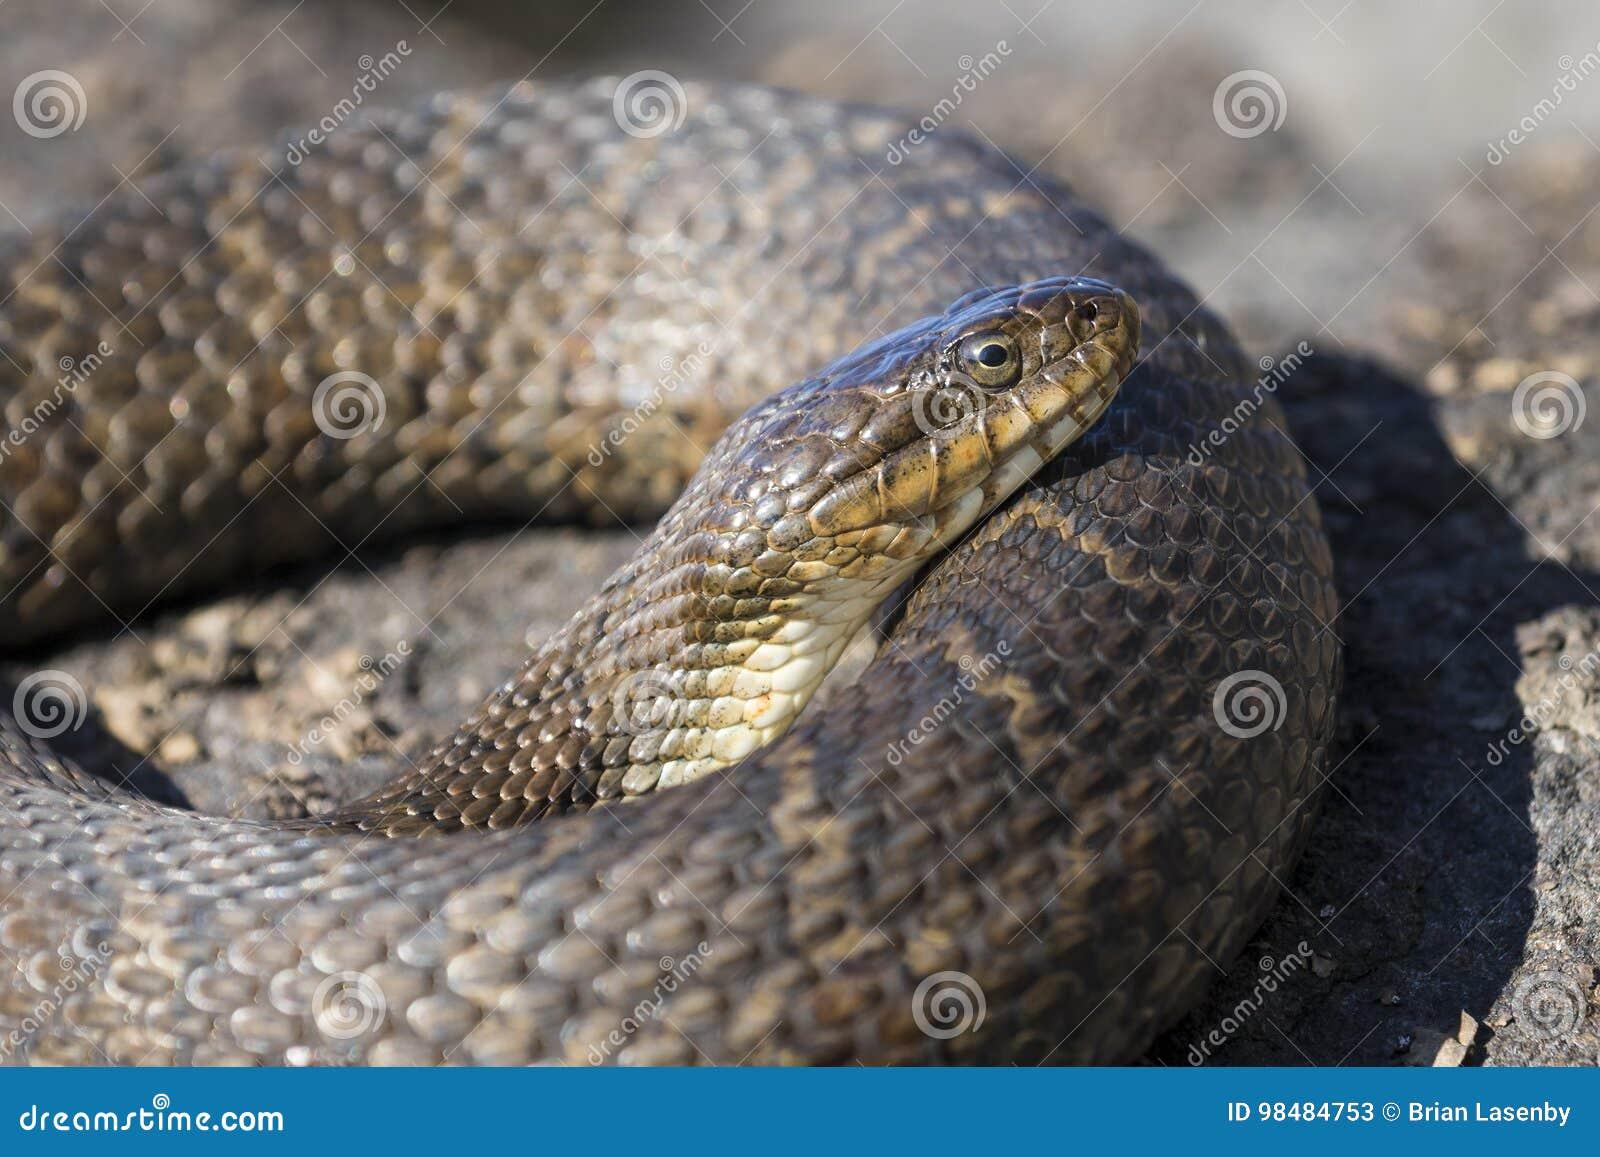 Północny Wodnego węża Nerodia sipedon sipedon wygrzewa się na skale